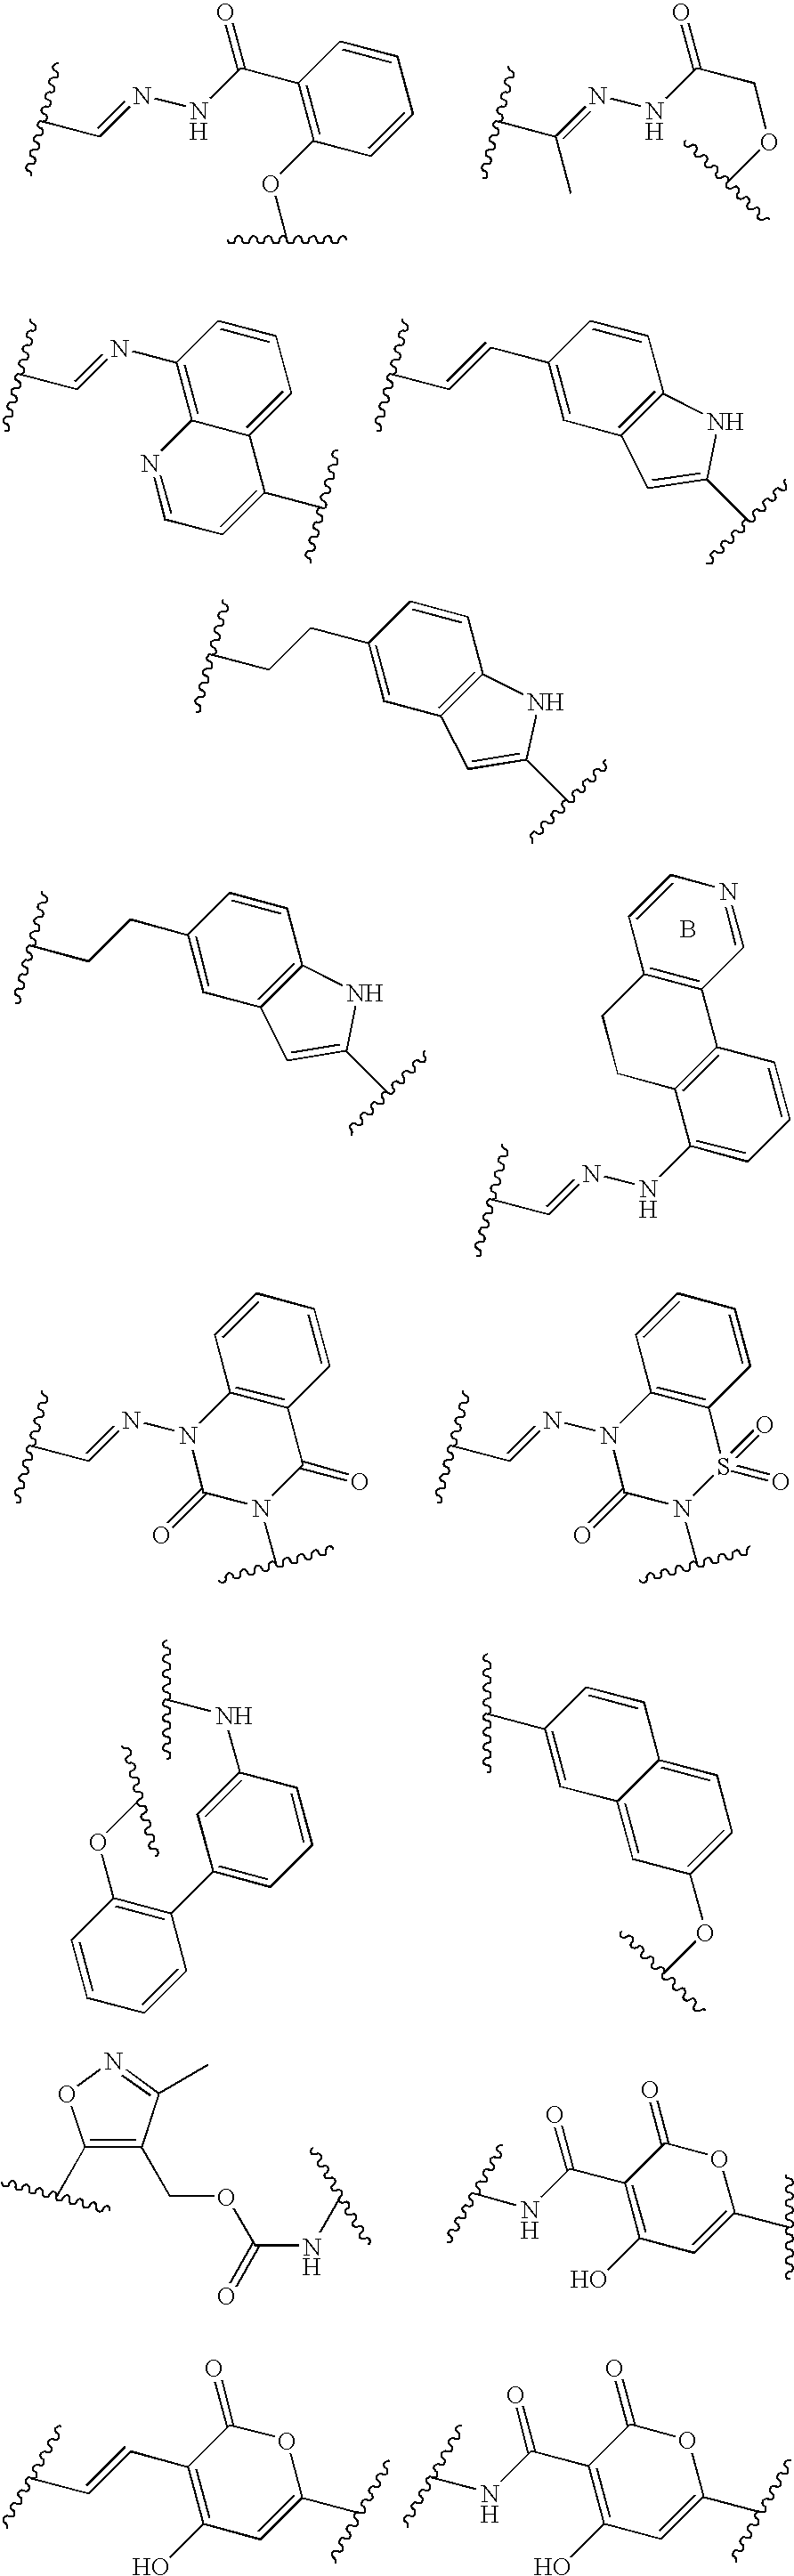 Figure US20040204477A1-20041014-C00023